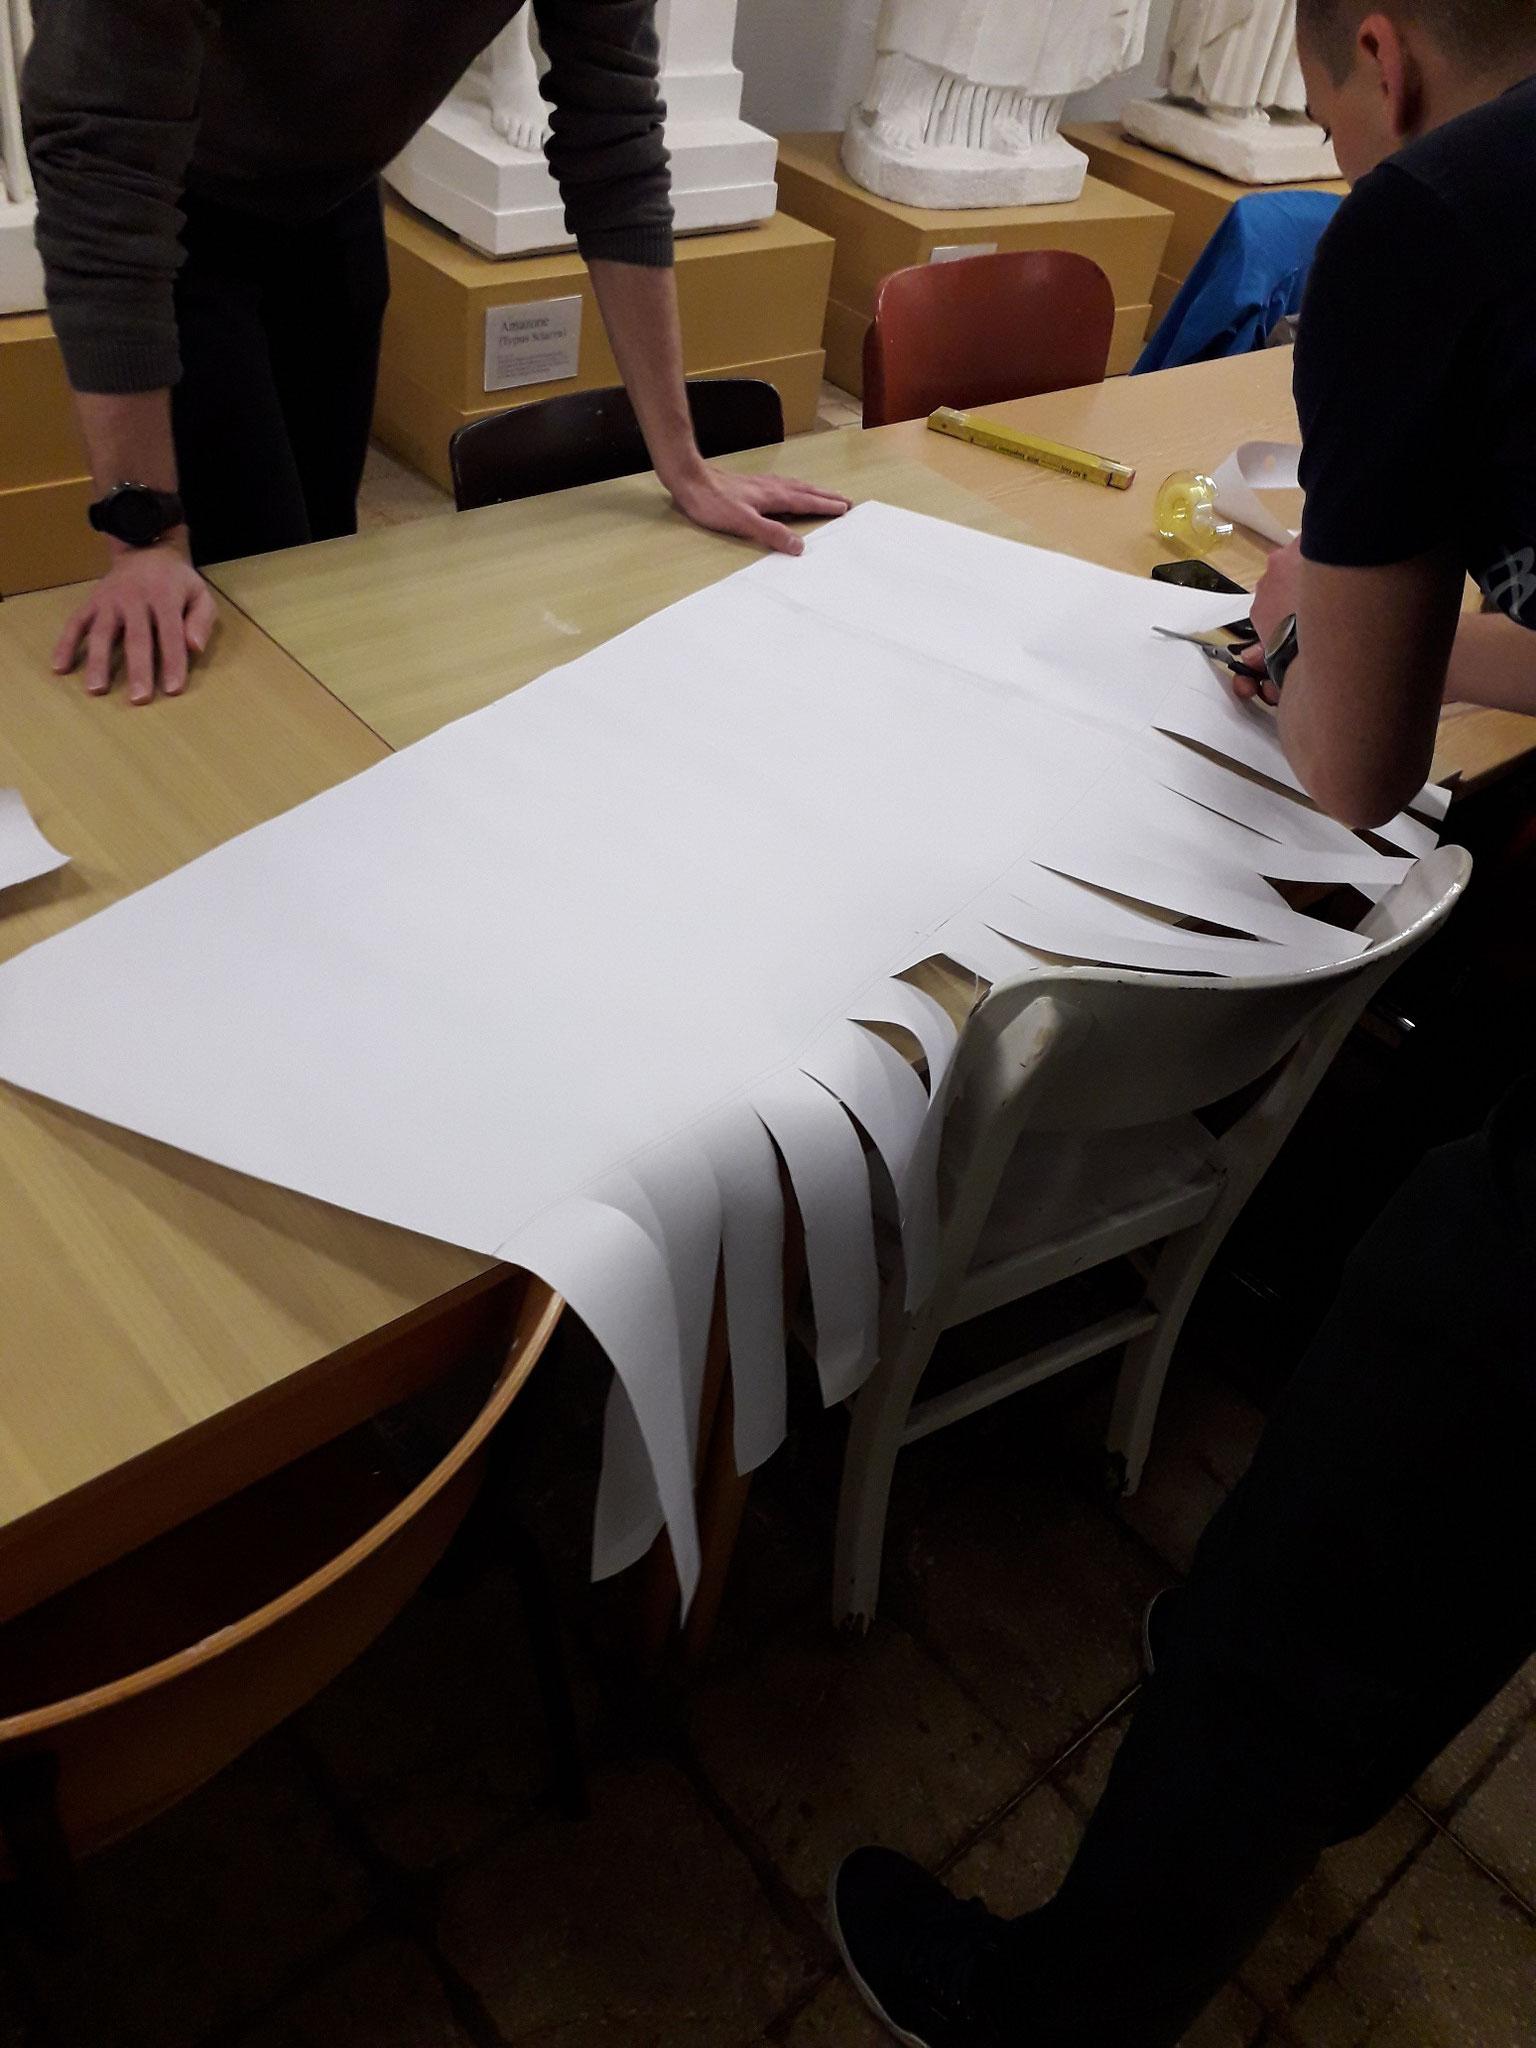 Die Schablone wurde mit Pteryges versehen, die jedoch nicht in Stoff ausgeführt wurden.